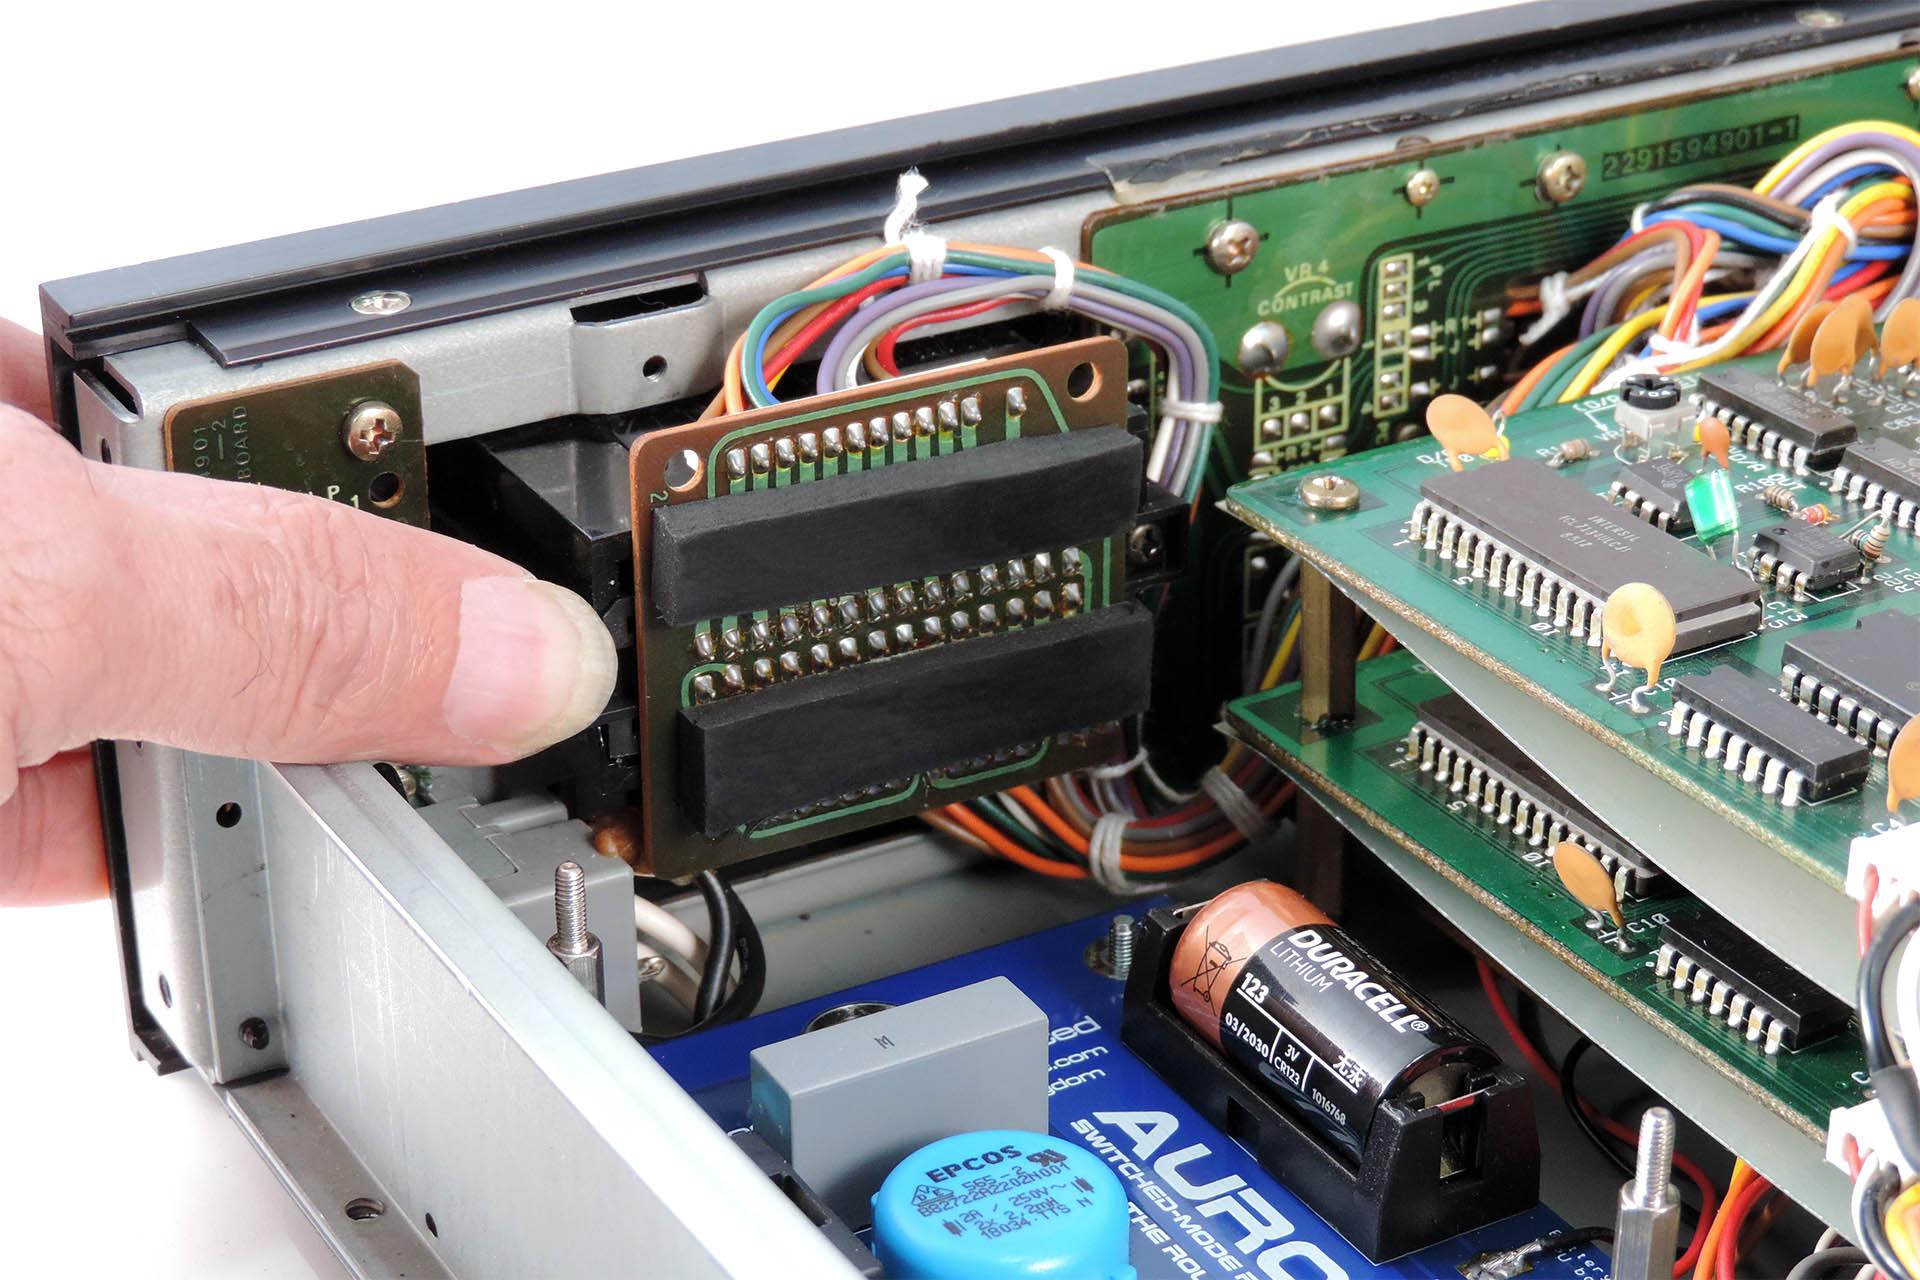 V06 Bracket for Roland MKS-80 Data Cartridge Slot